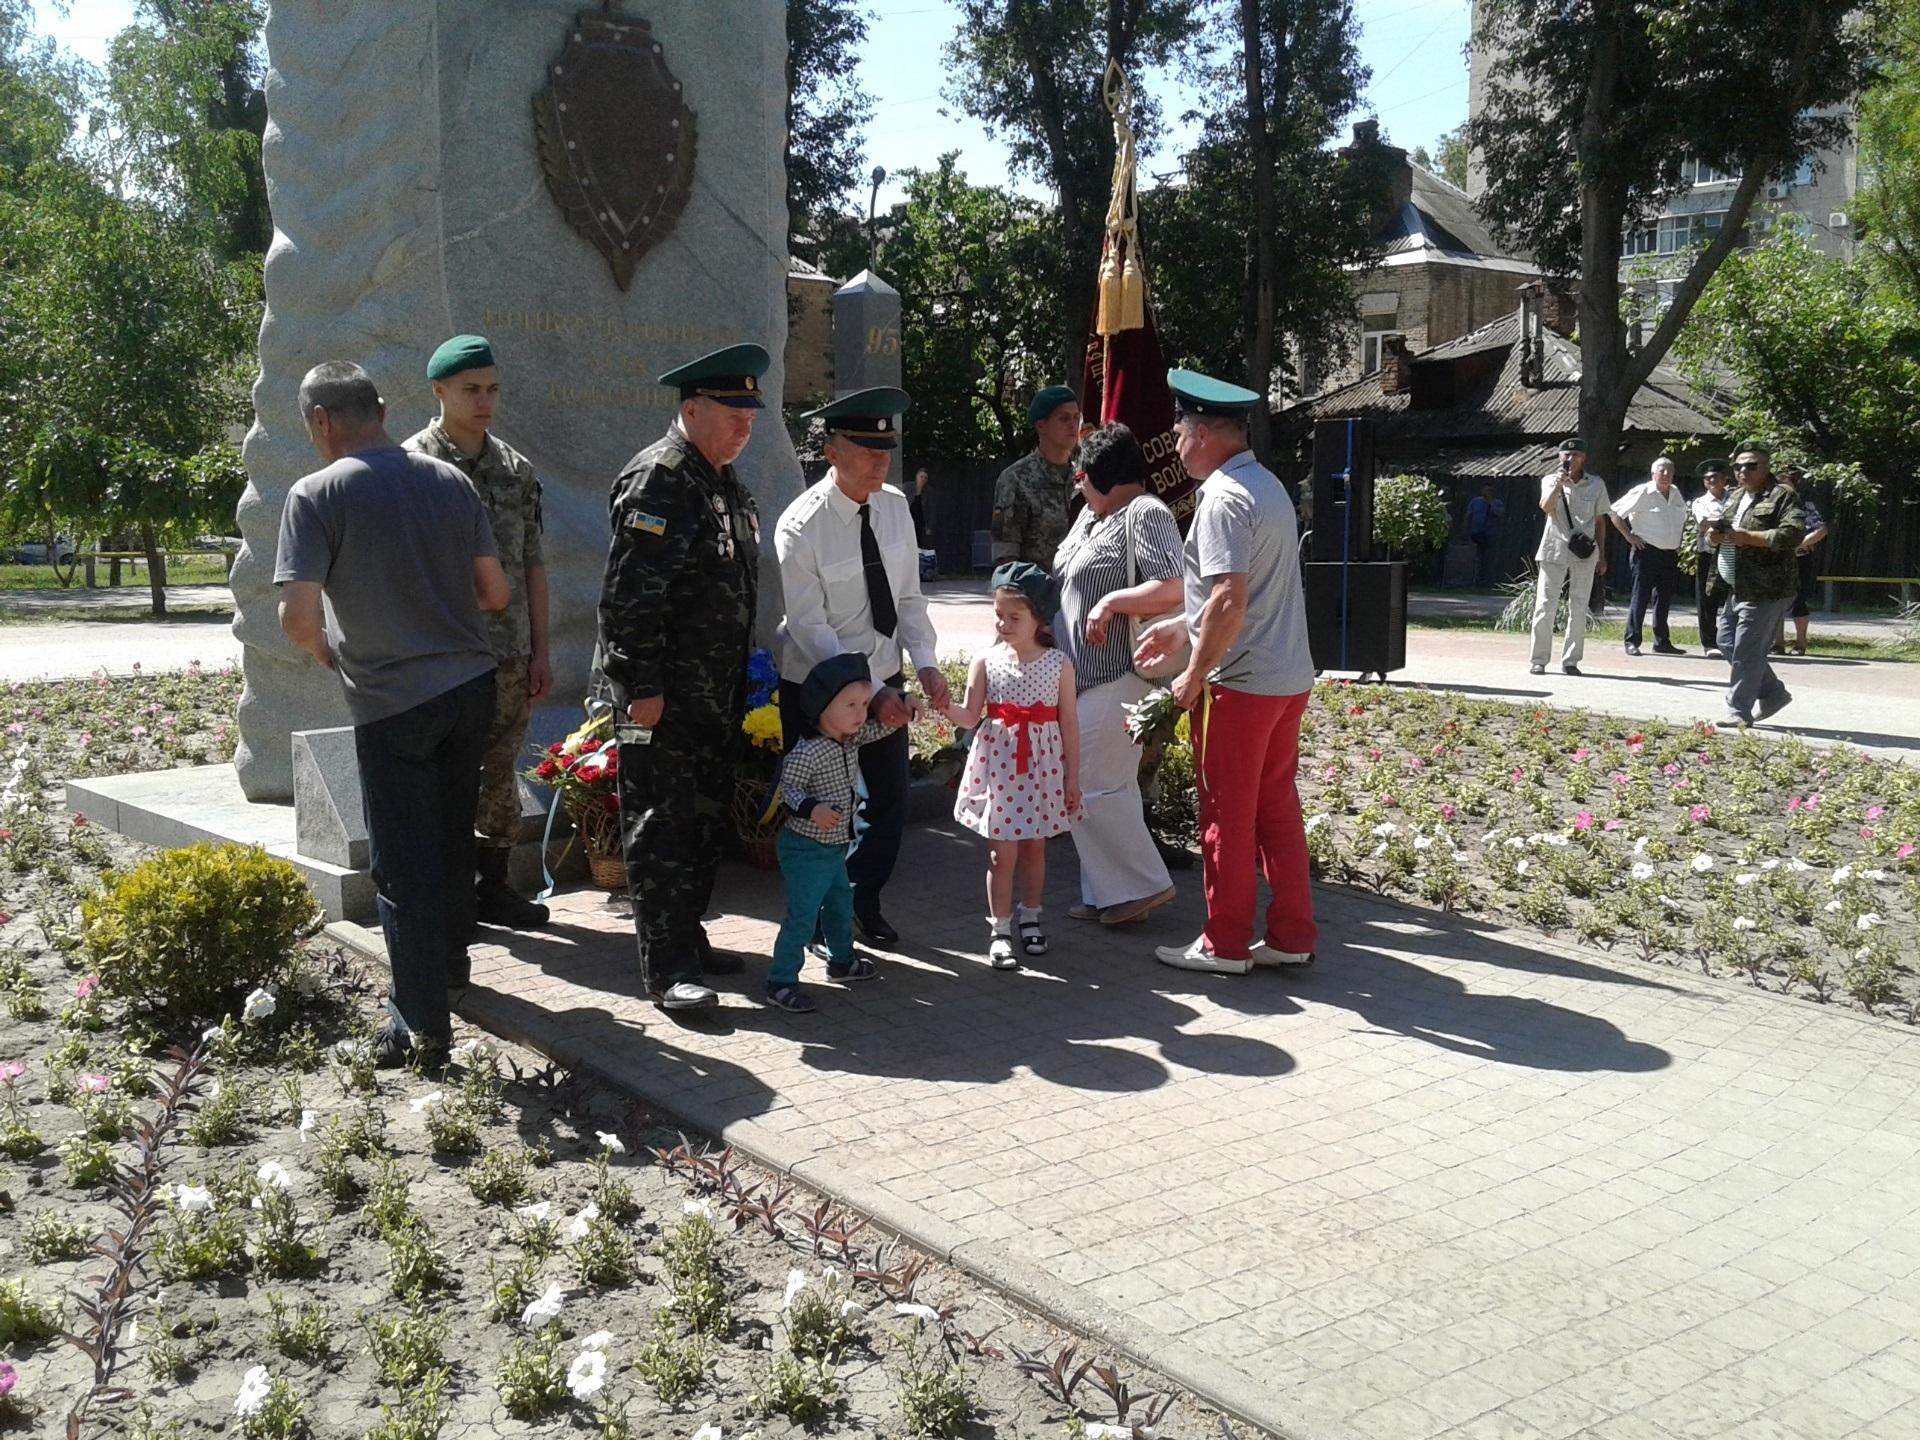 Концертная программа, памятные медали и награды: В Запорожье отметили 100-летний юбилей со дня создания пограничной охраны - ФОТО